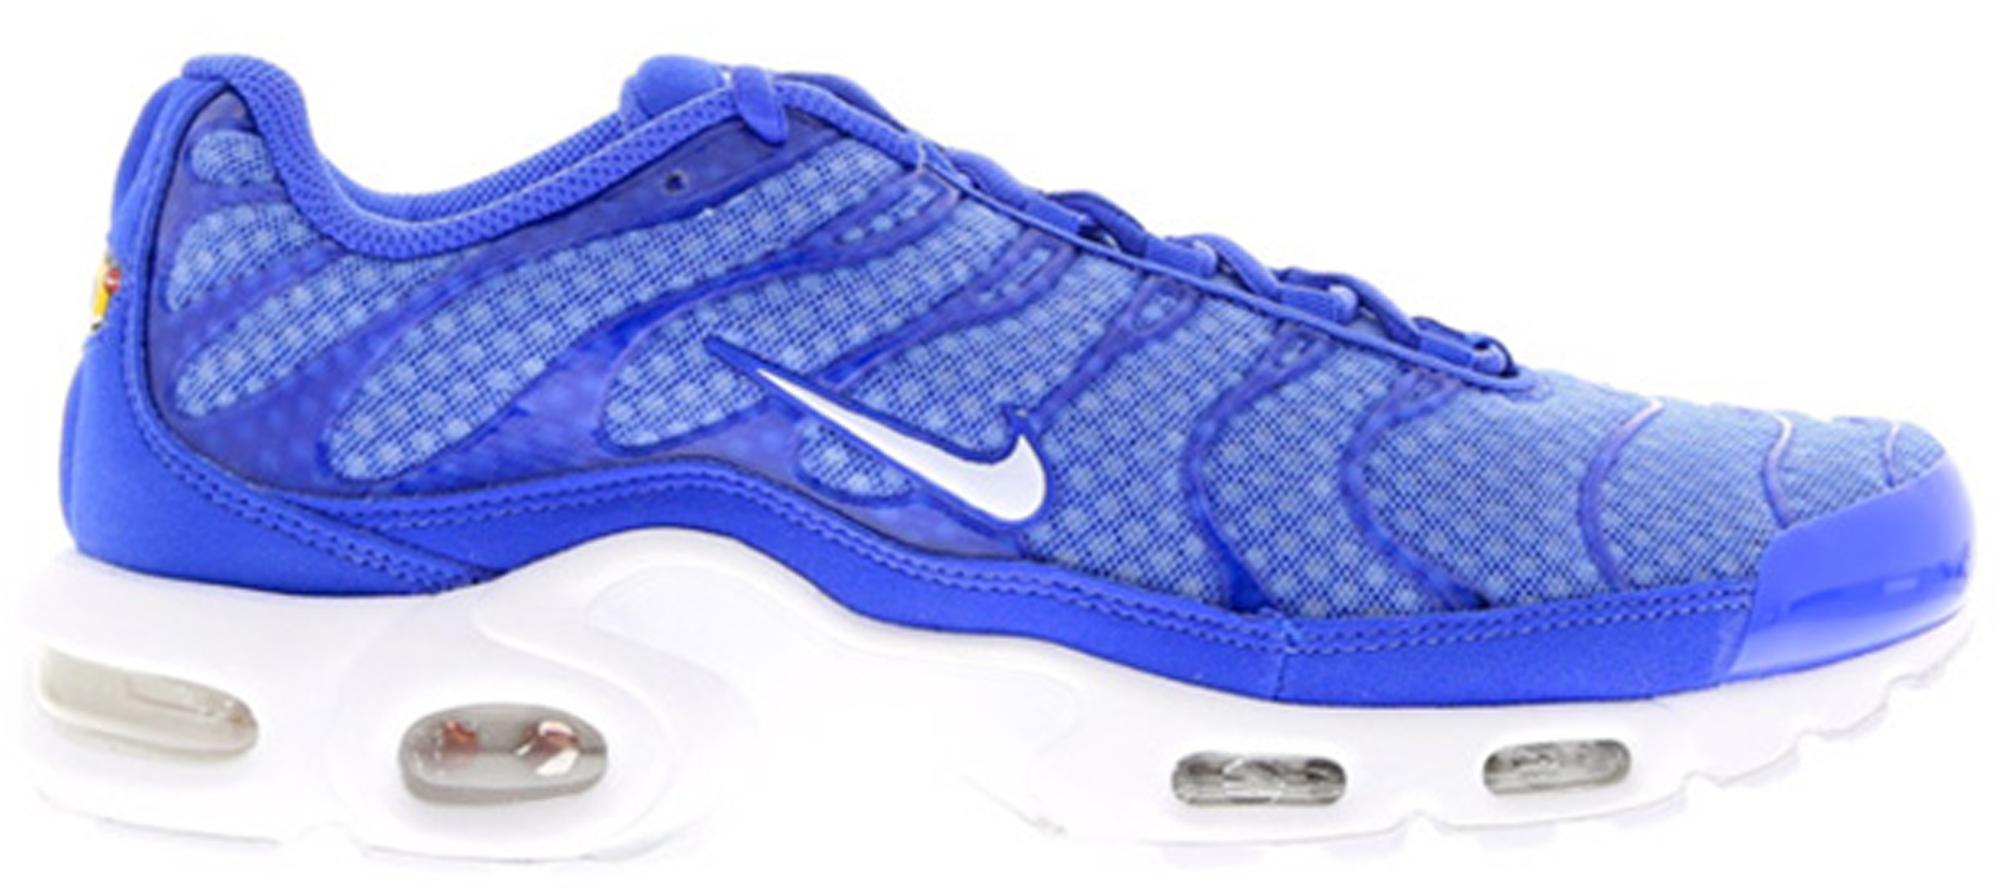 Nike Air Max Plus Mesh Racer Blue